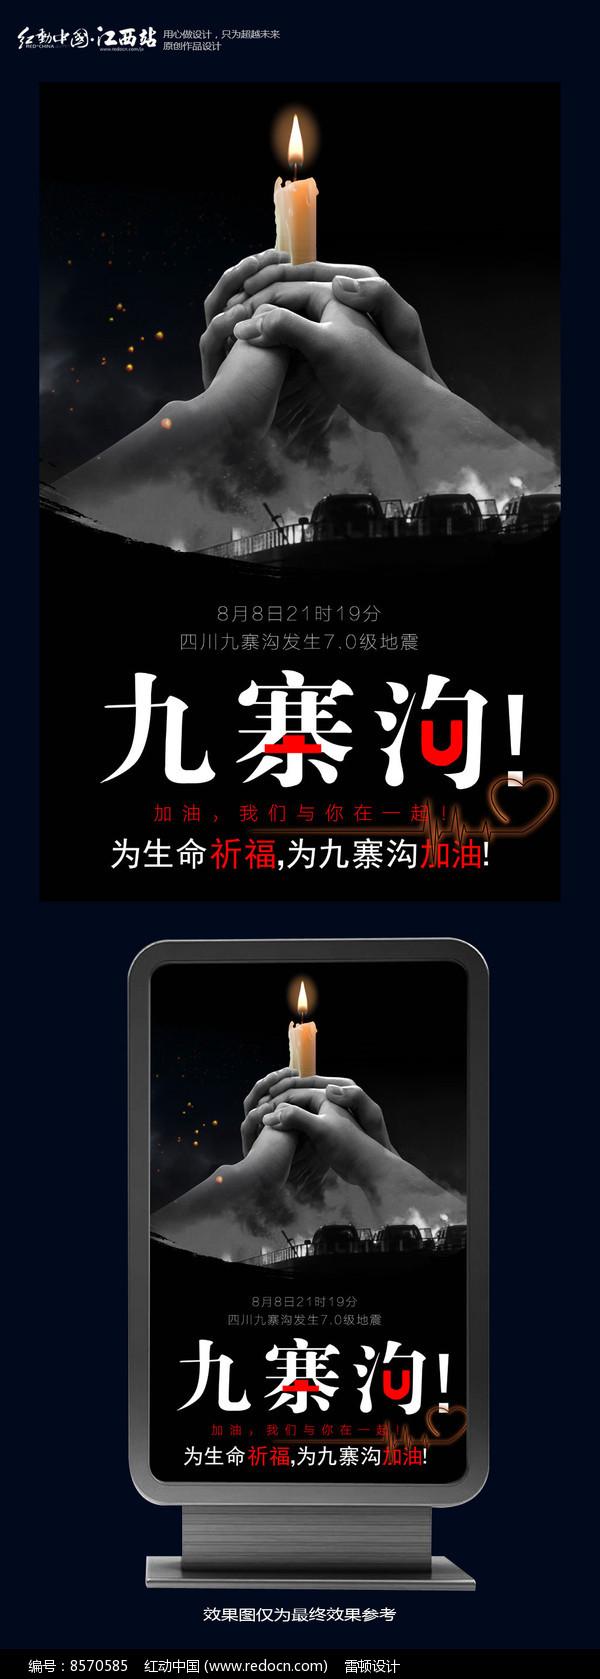 九寨沟抗震救灾公益海报图片